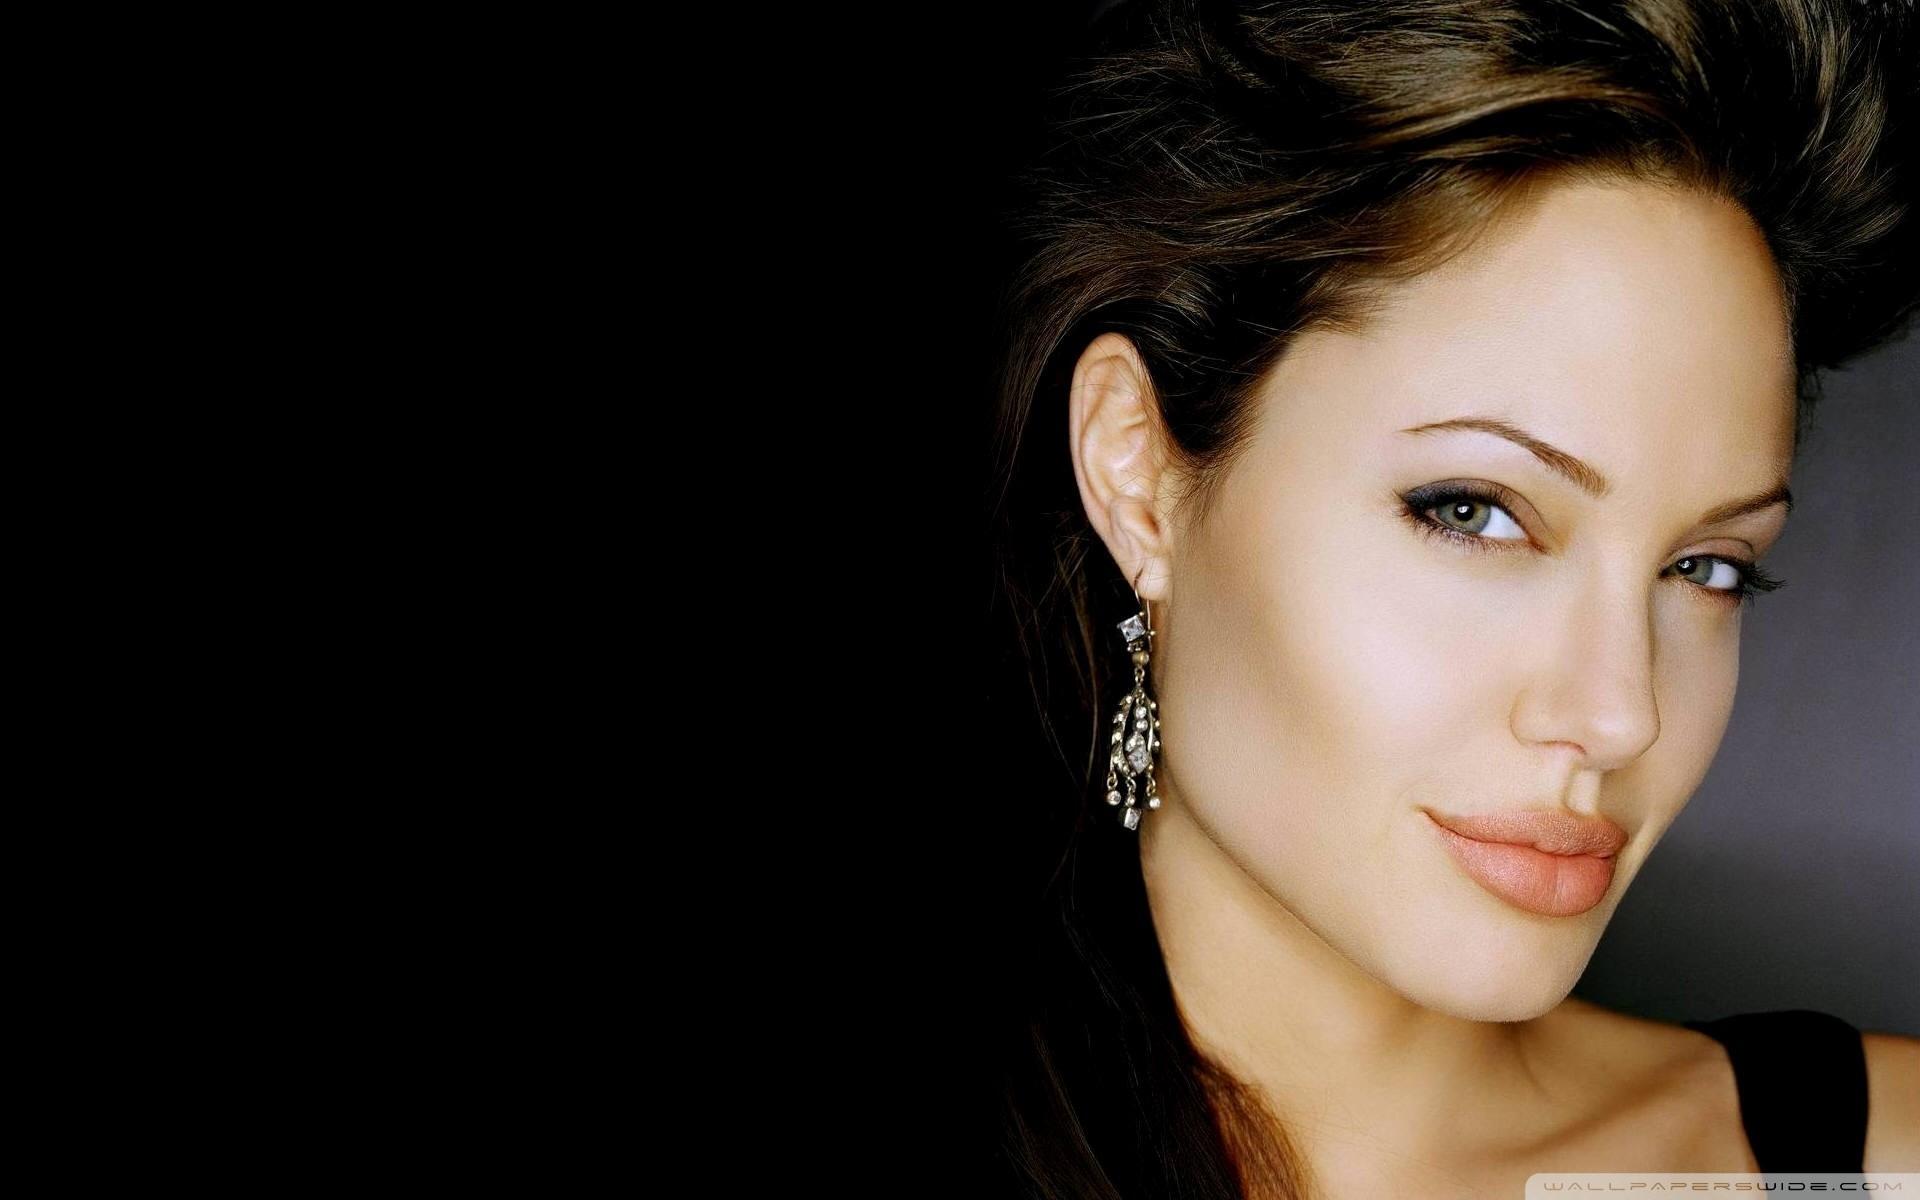 Rostro de Angelina Jolie - 1920x1200